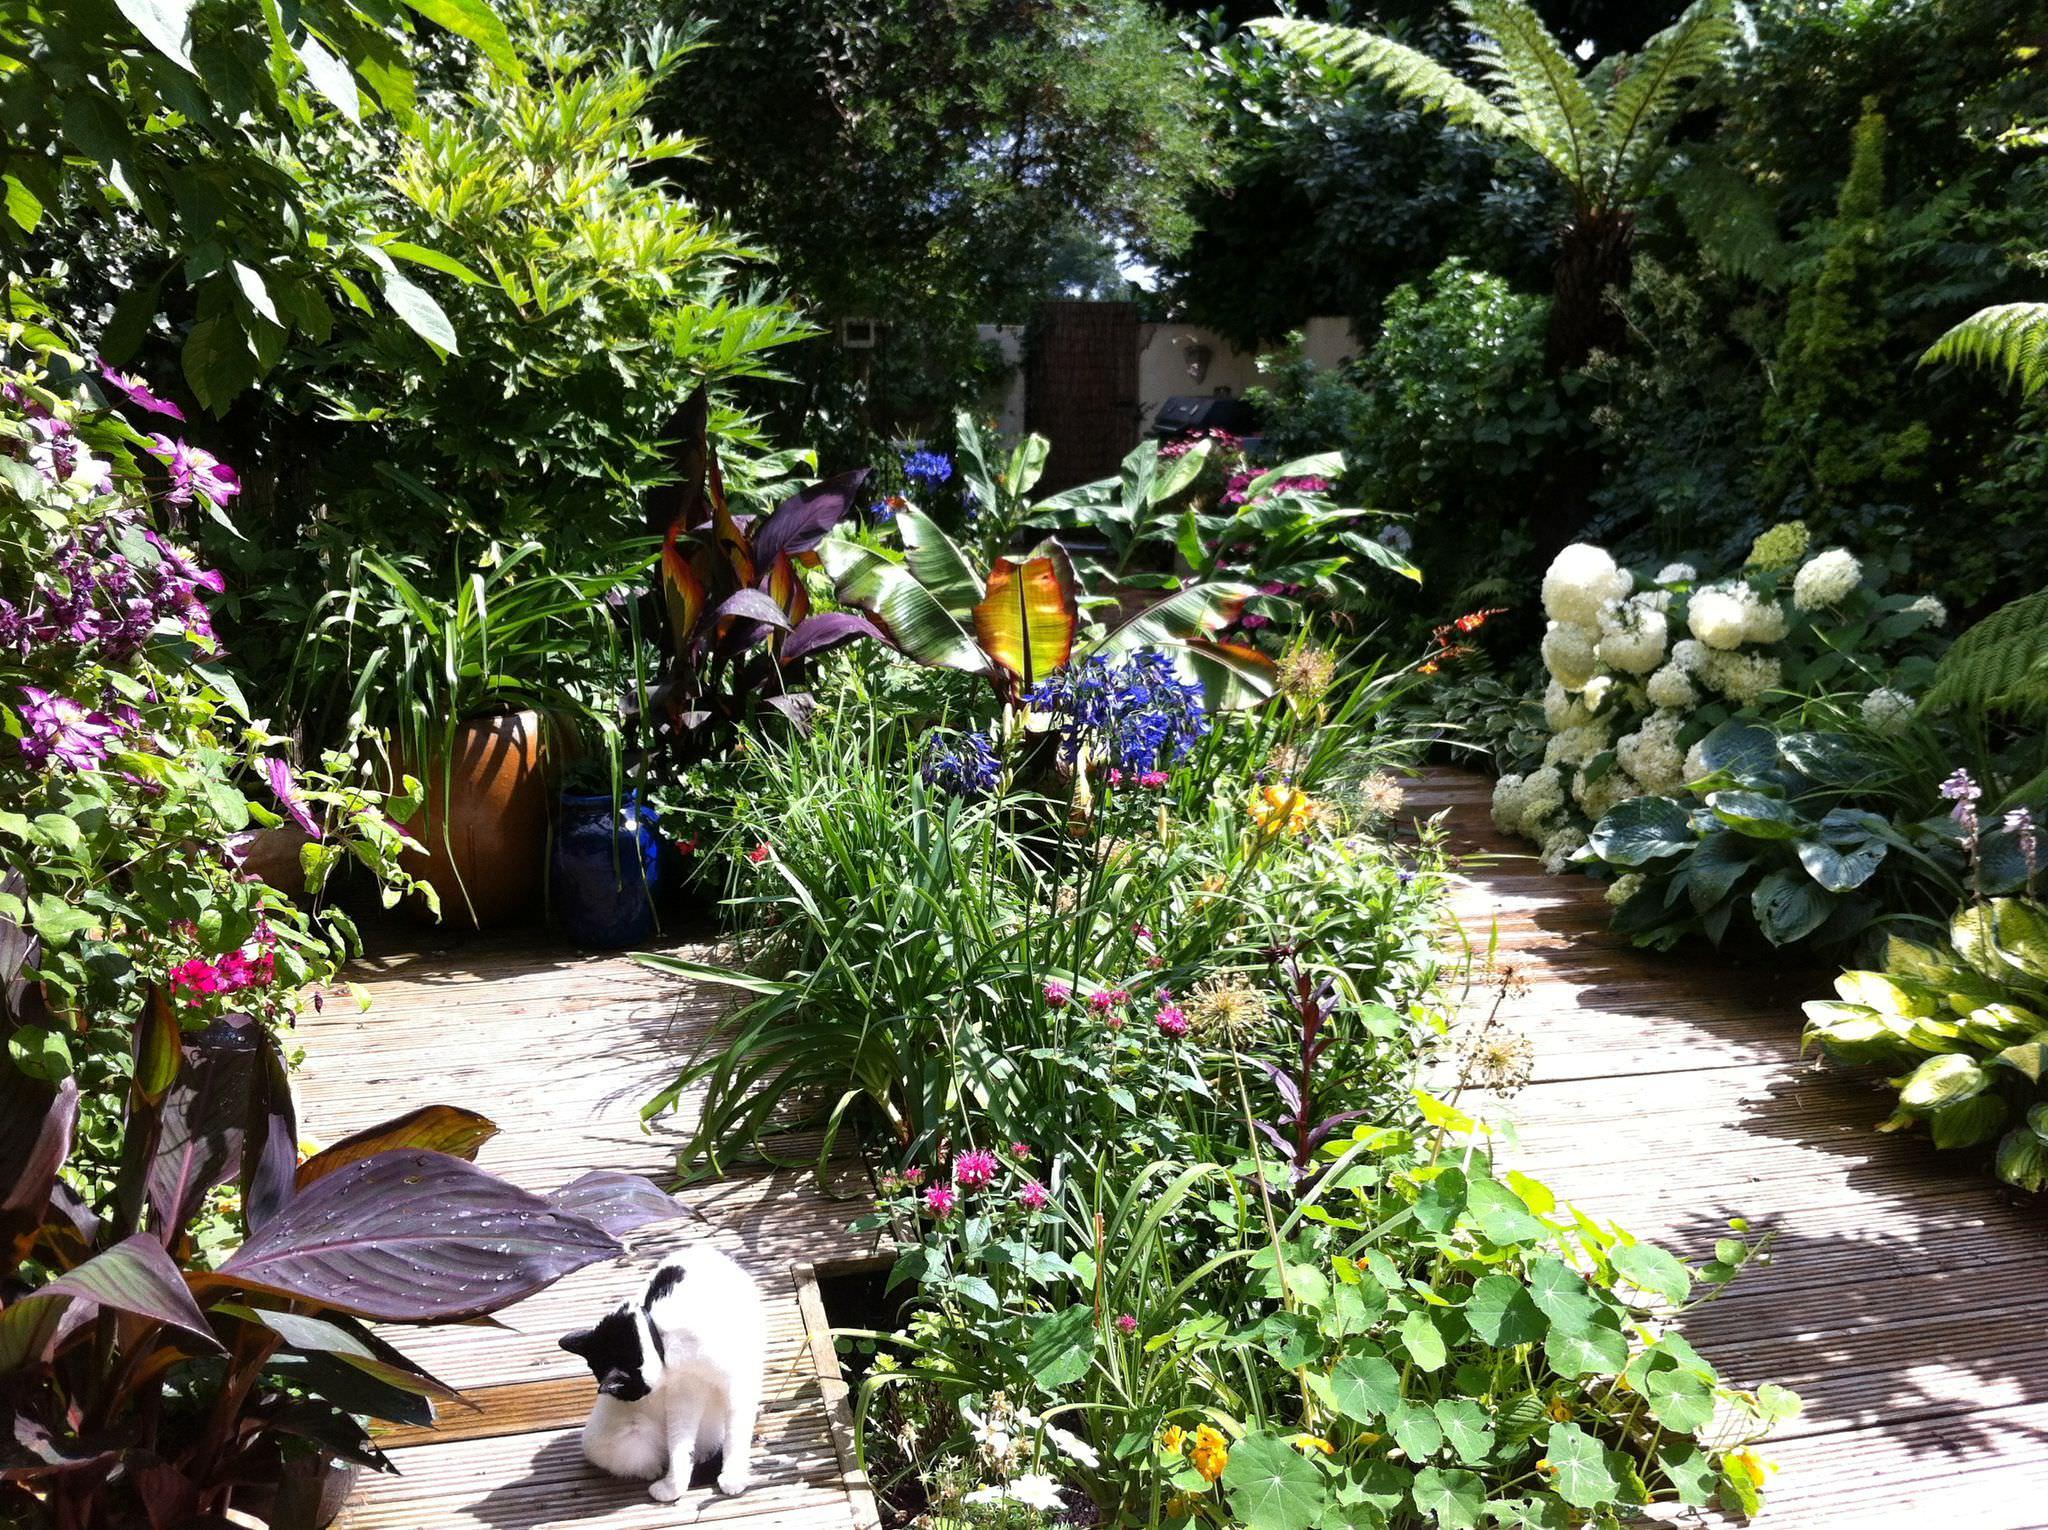 Contact london garden design services floral and hardy for Garden design services